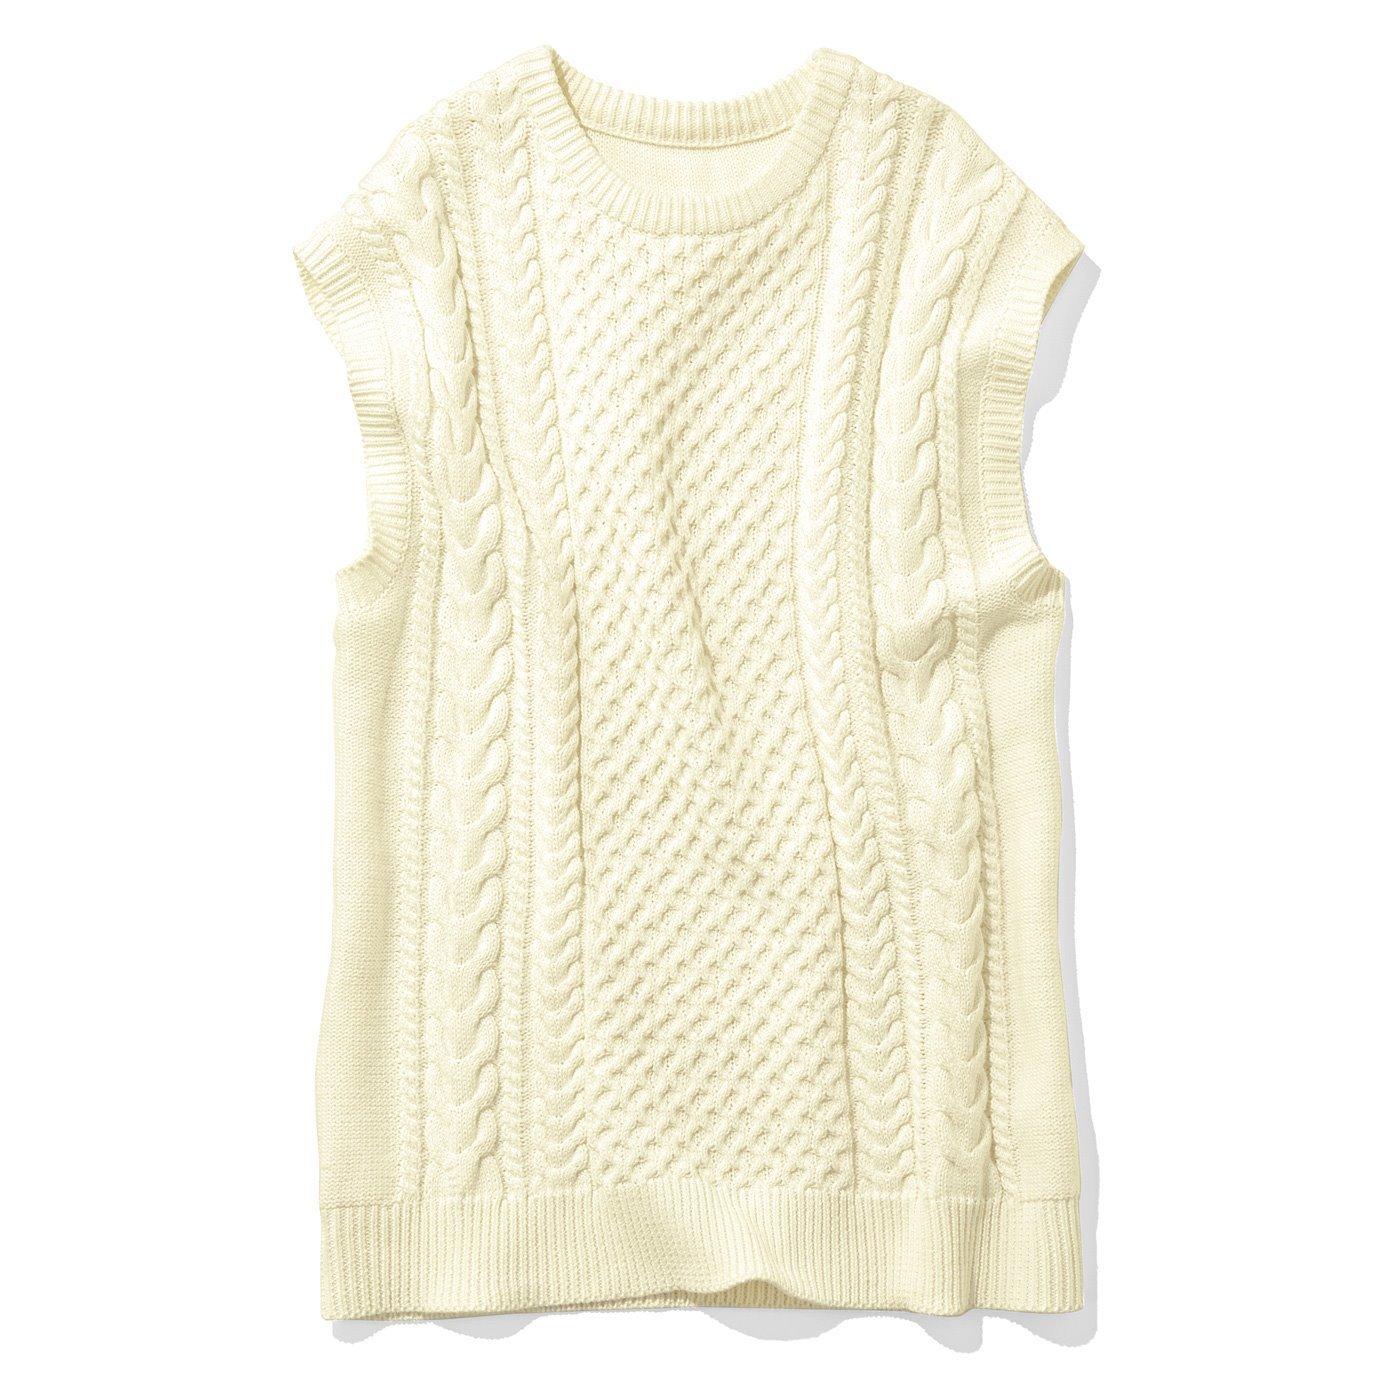 リブ イン コンフォート 栞里ちゃんとつくった レイヤードスタイルを楽しんで 温度調節にも便利な綿ニットベスト〈アイボリー〉